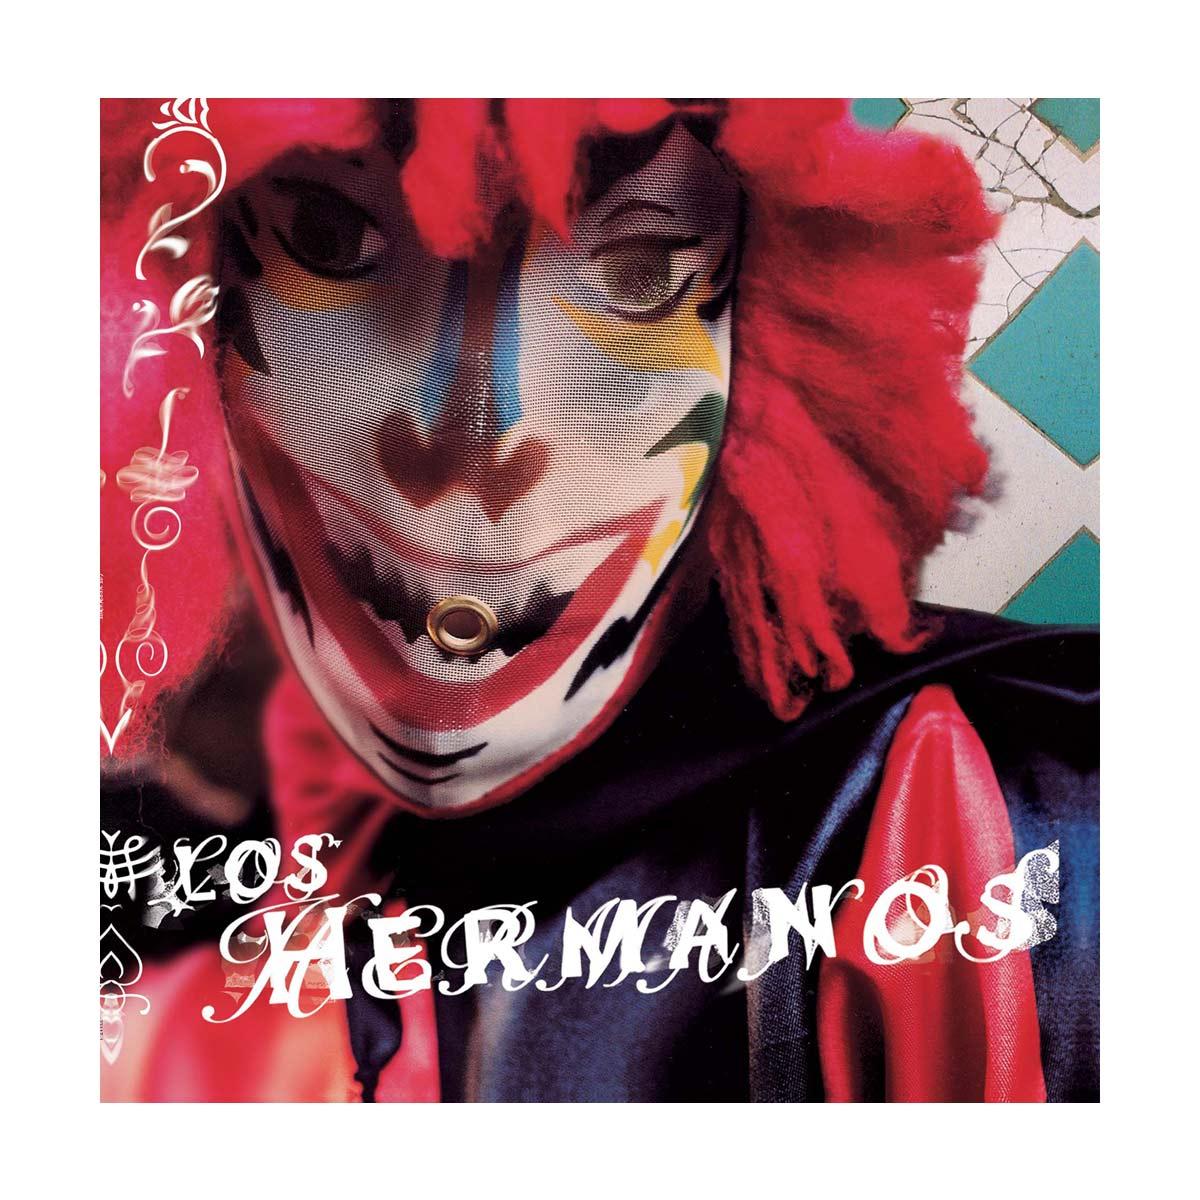 LP Los Hermanos - Los Hermanos  - bandUP Store Marketplace